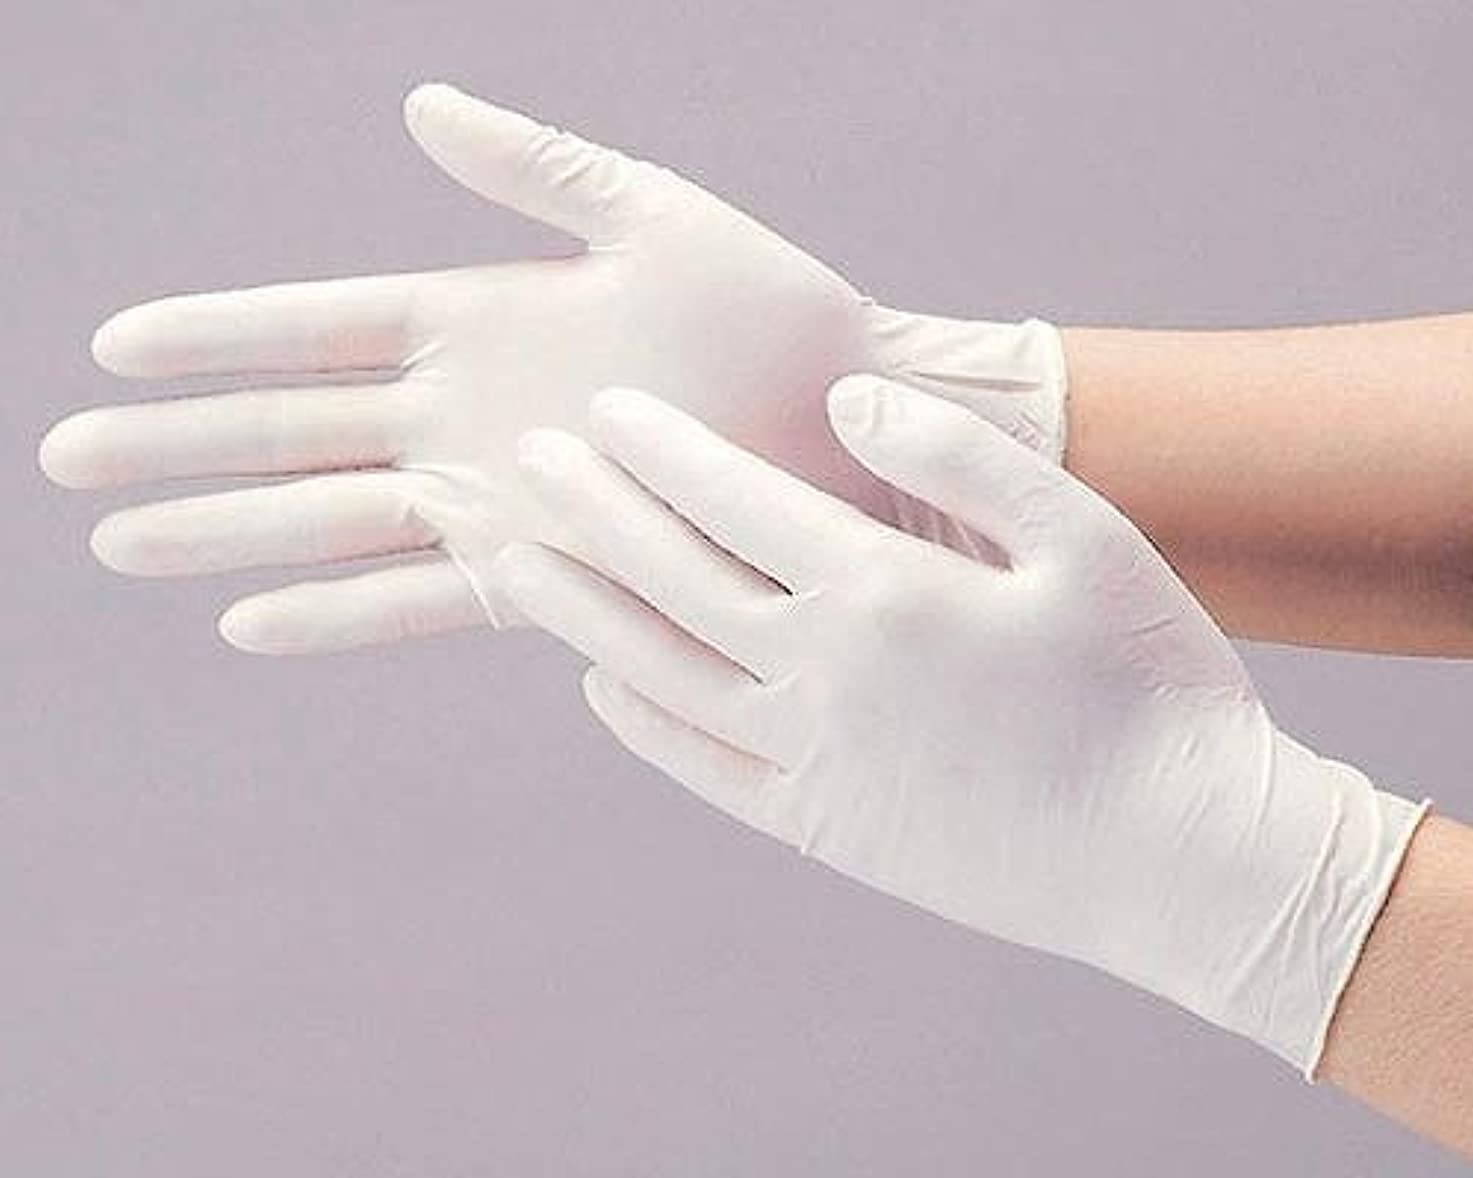 リンケージずんぐりした上昇ダンロップ N-211 天然ゴム極うす手袋100枚入 Lナチュラル N211LN